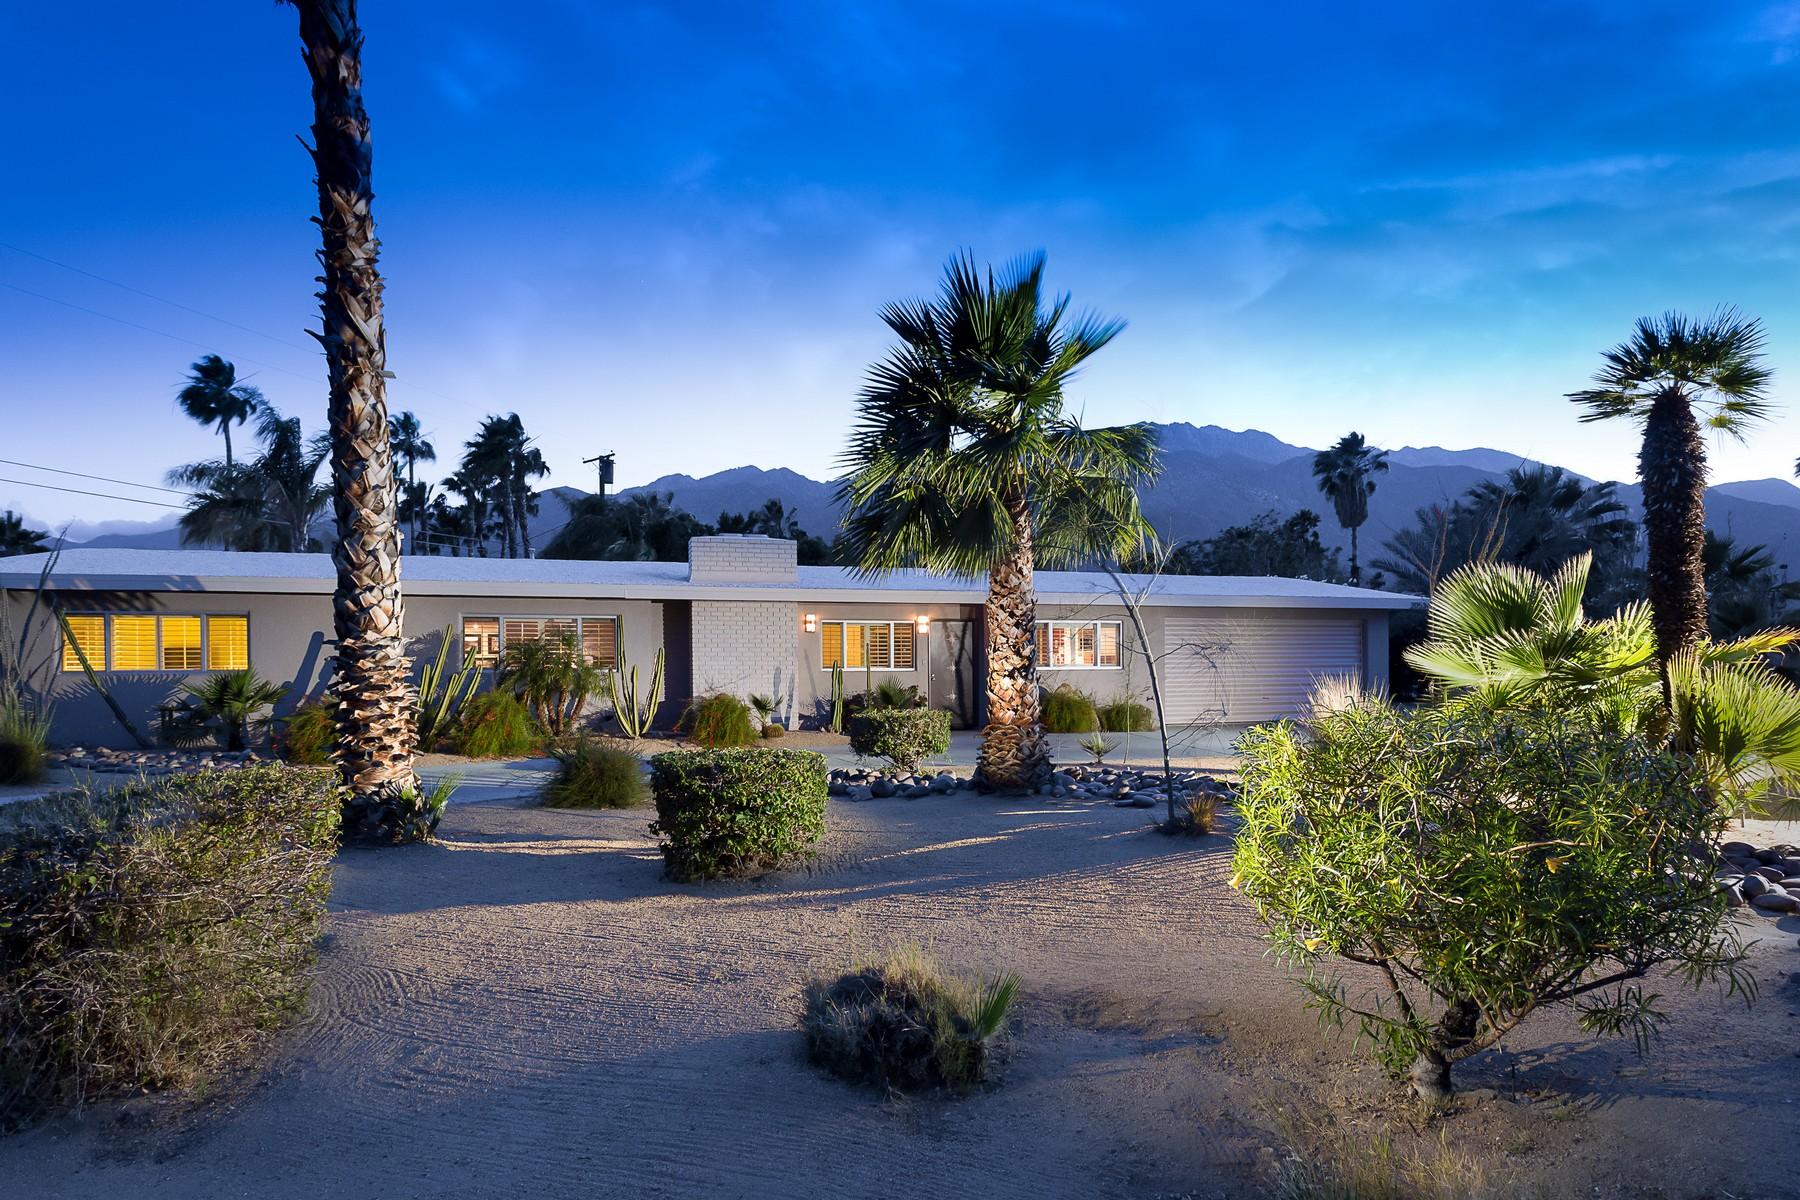 独户住宅 为 销售 在 2053 East McManus Drive 棕榈泉, 加利福尼亚州, 92262 美国